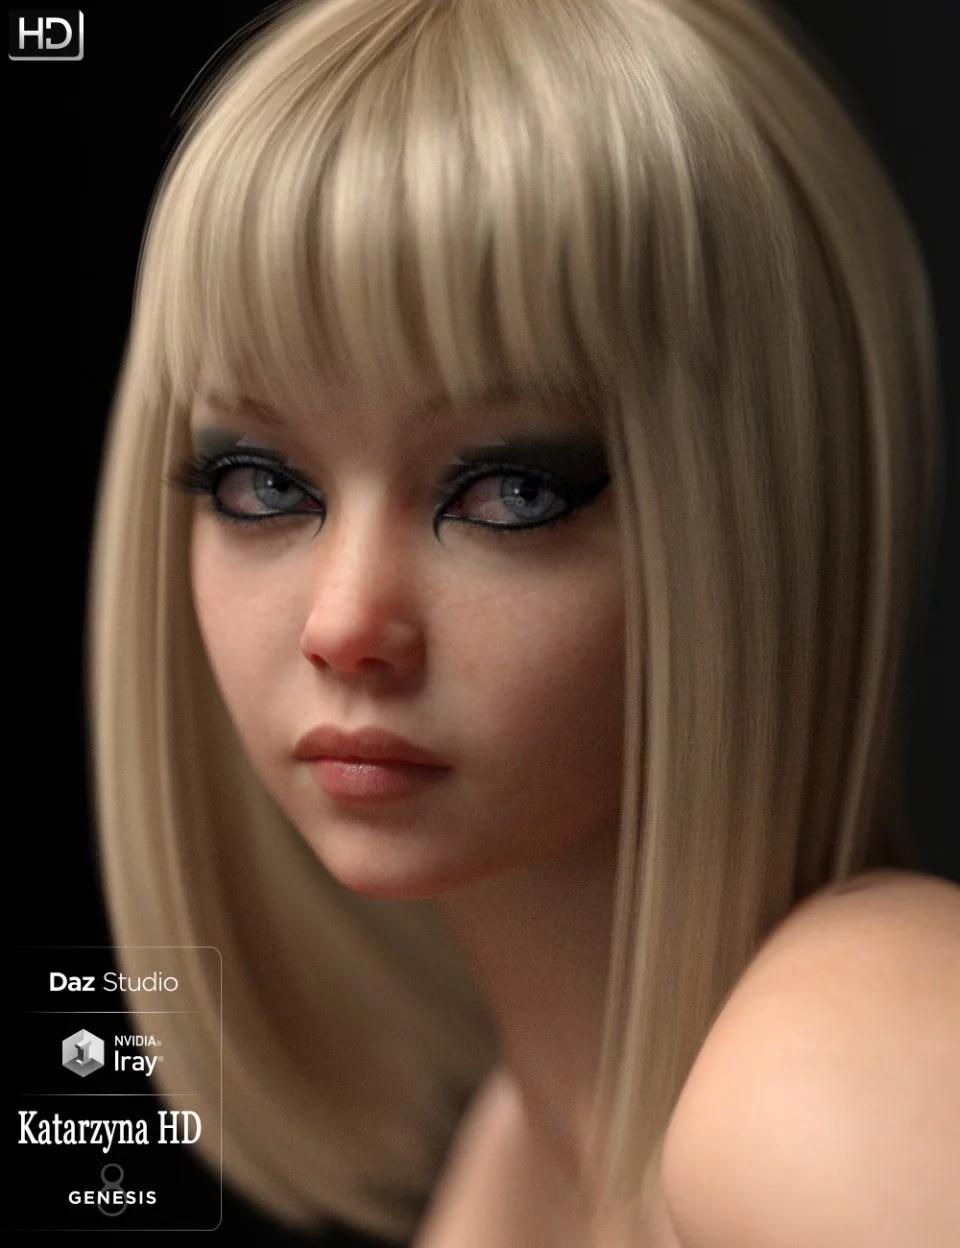 Katarzyna HD For Genesis 8 Female